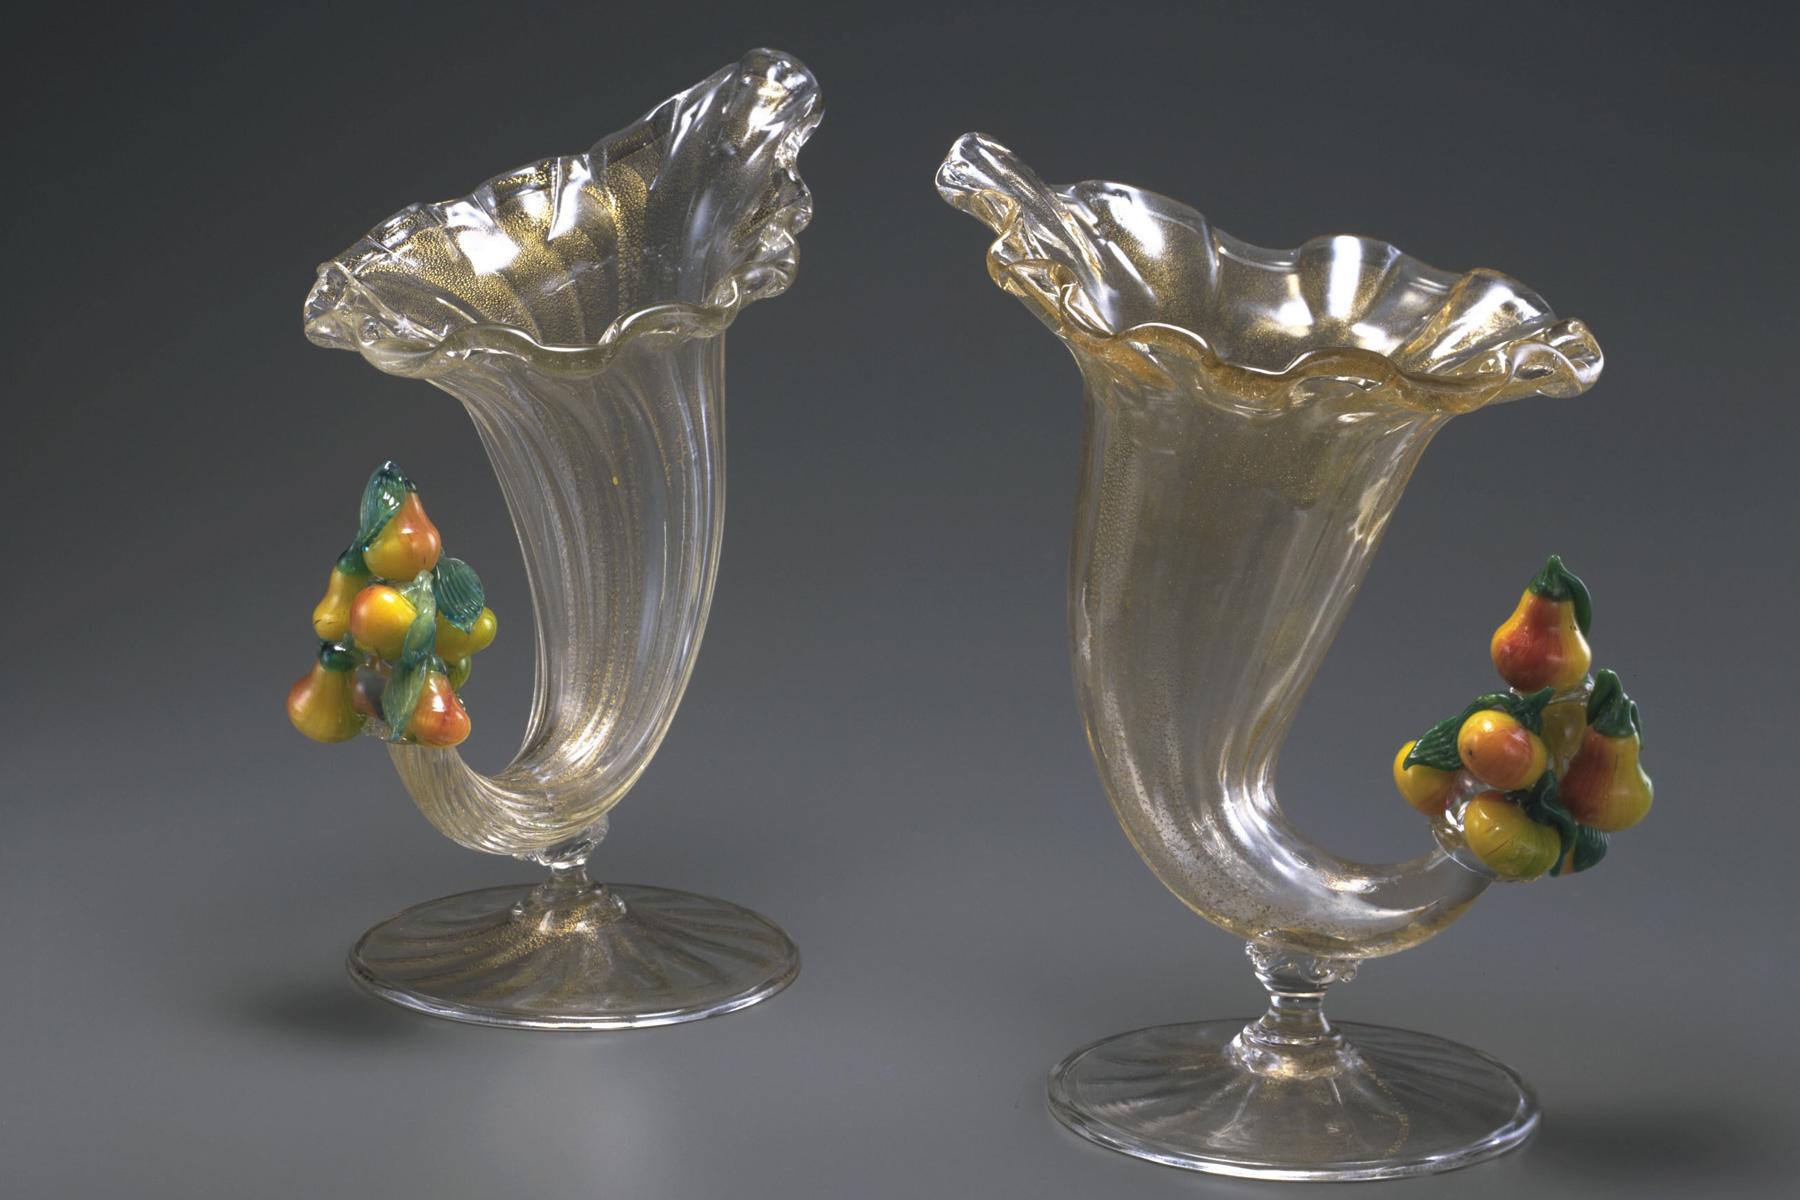 果物装飾角形坏 (19世紀|ヴェネチア)